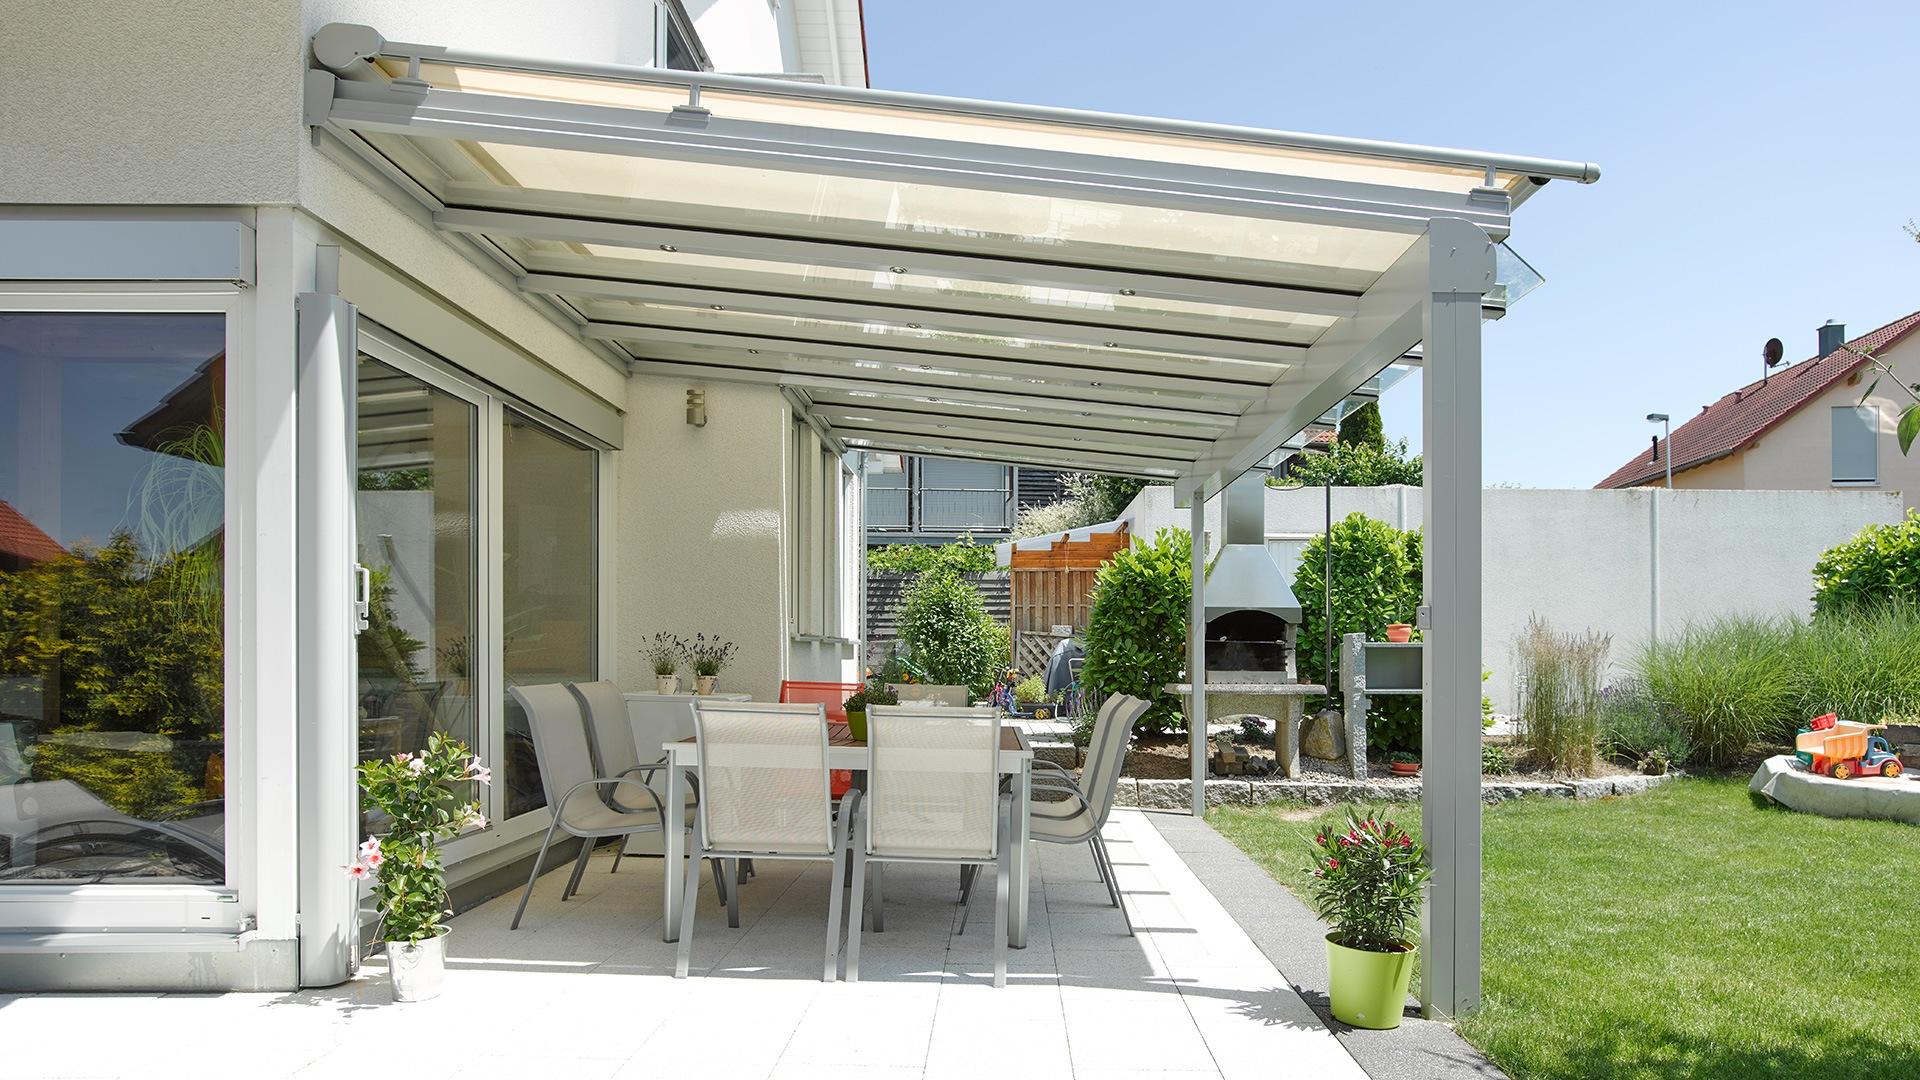 zanker jardino 01 - Sonnenschutz für Balkon und Terrasse